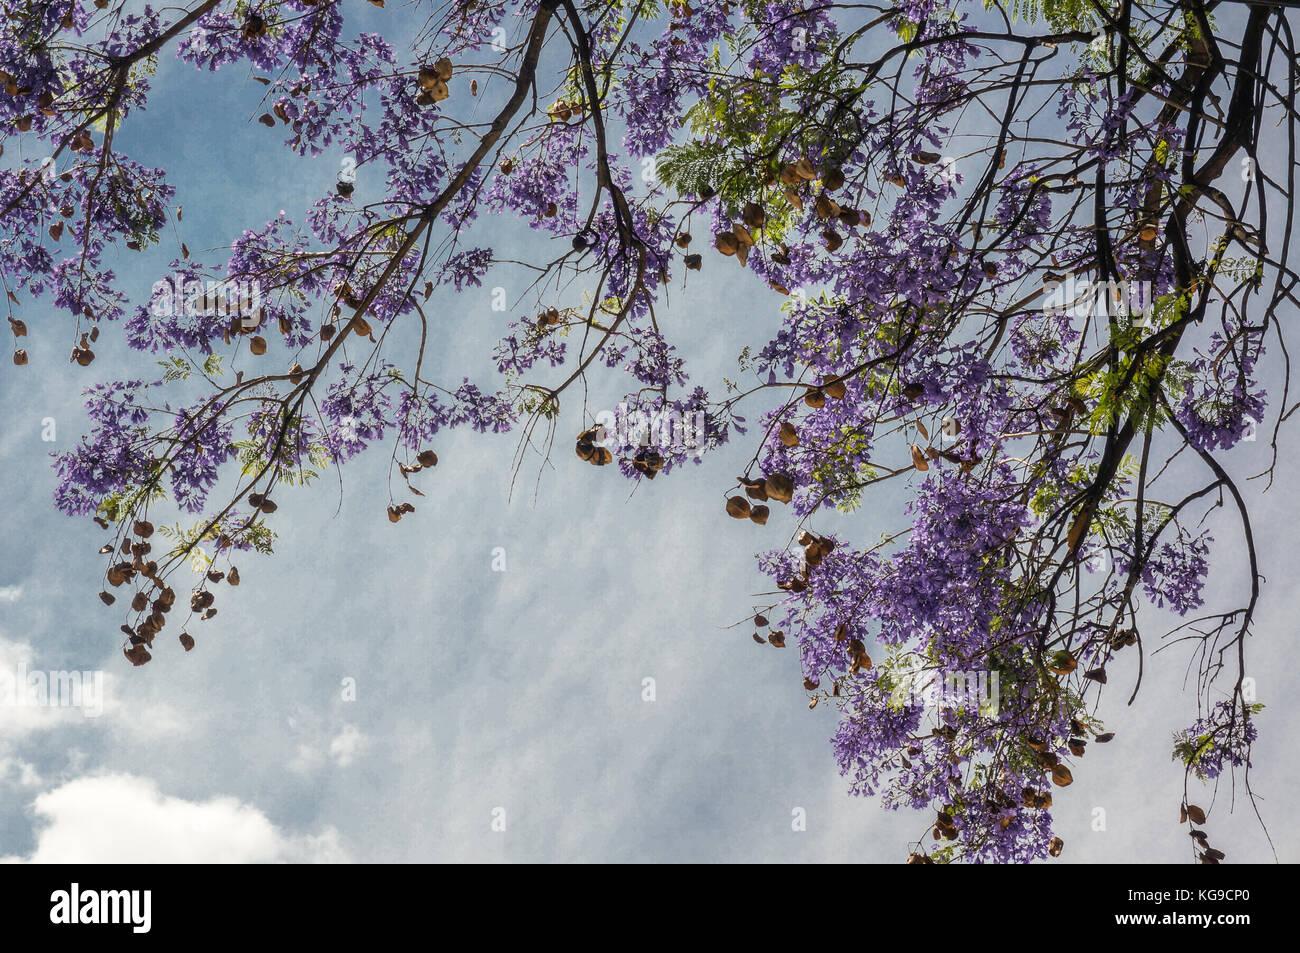 arbre violet banque d'images, photo stock: 164935400 - alamy